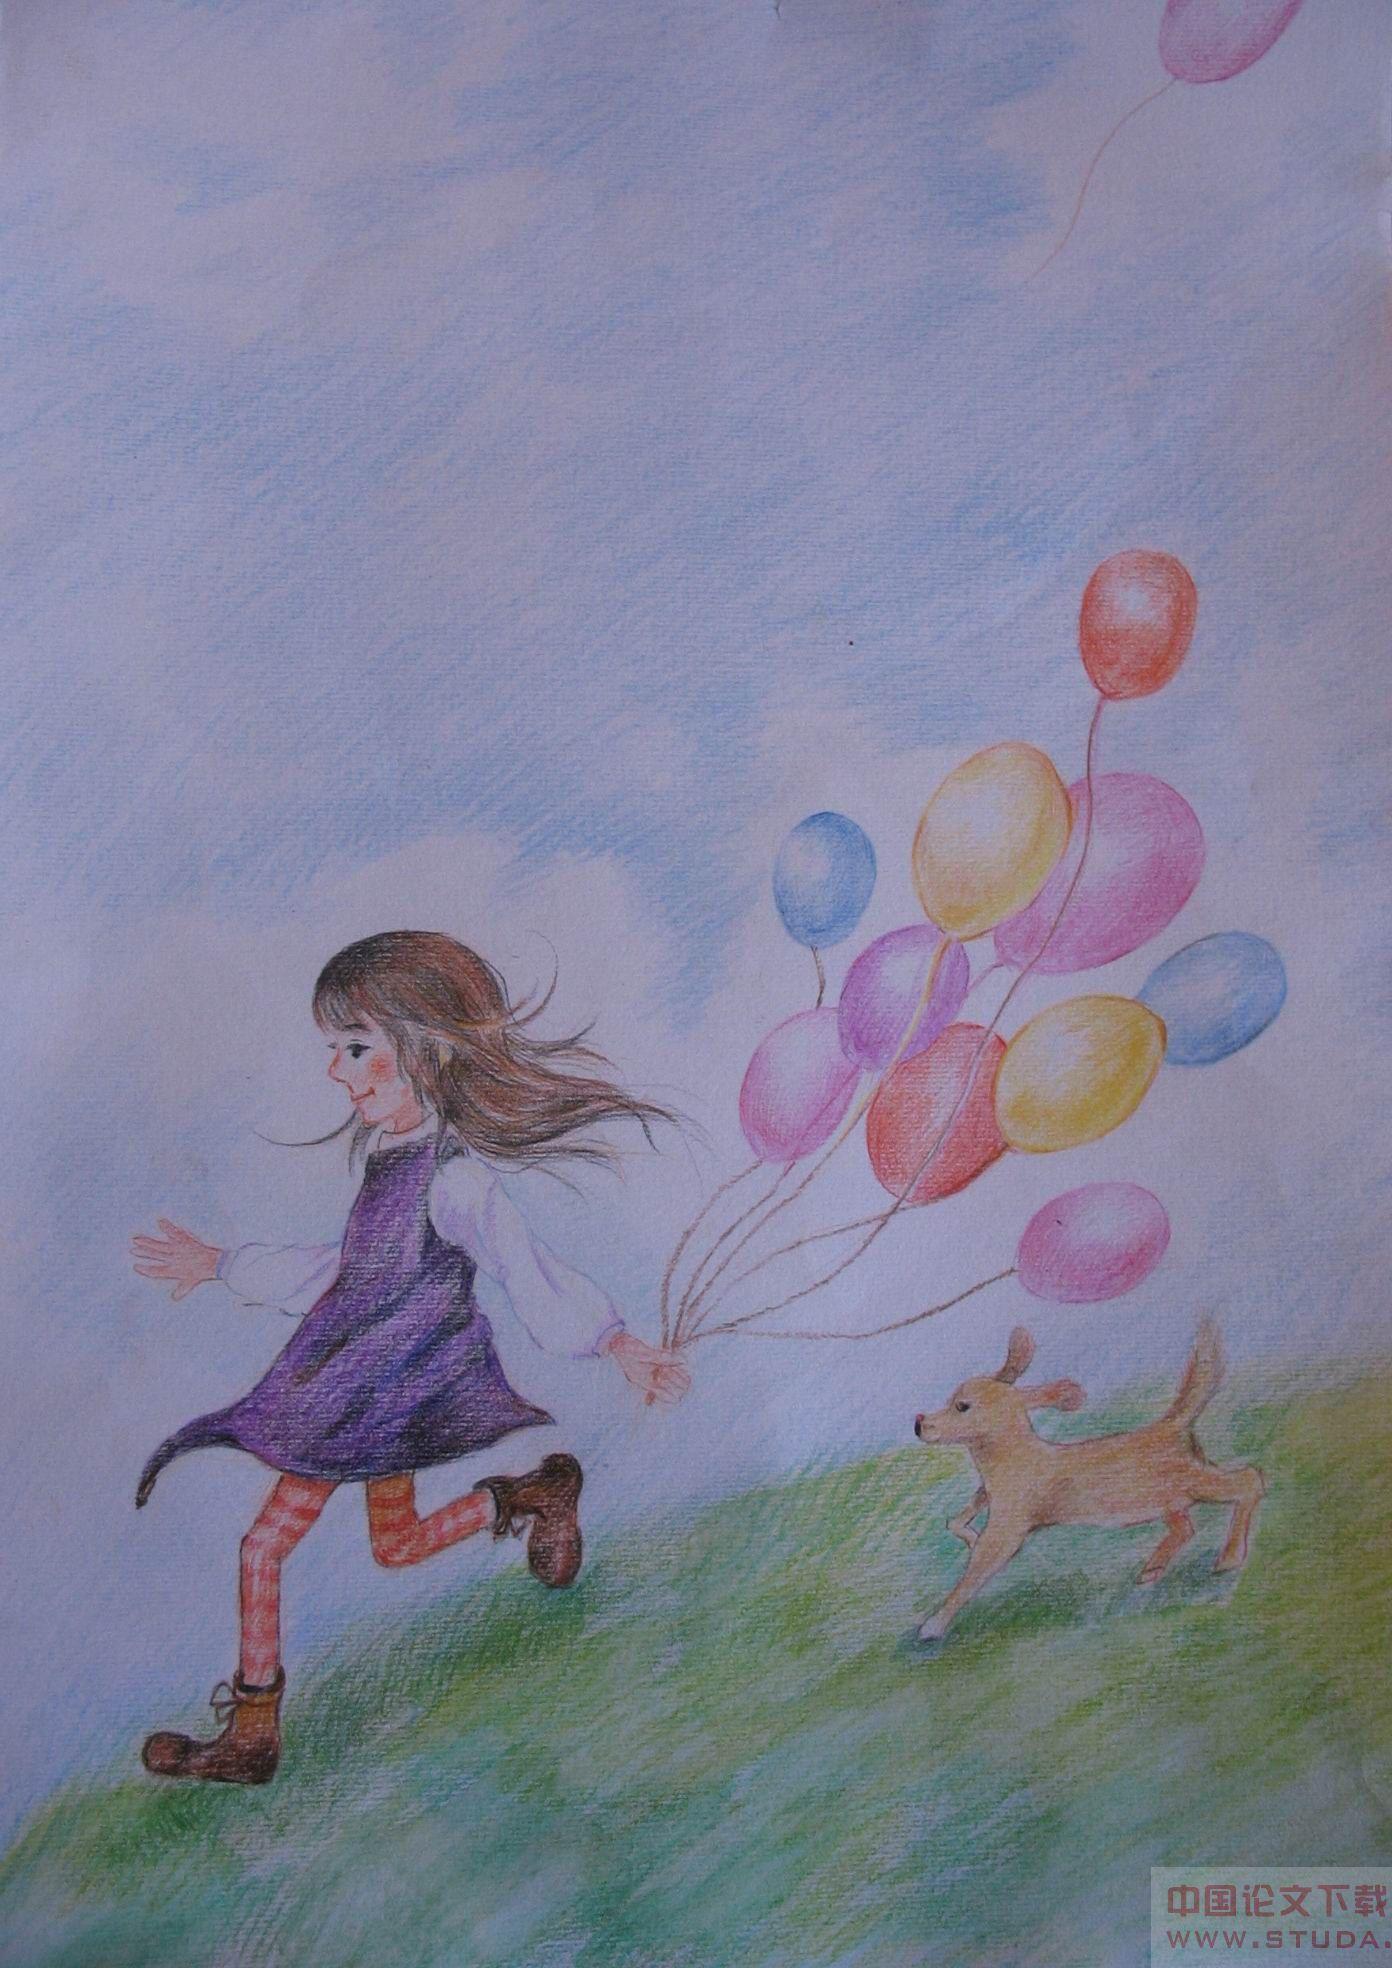 彩色铅笔画风景 手绘